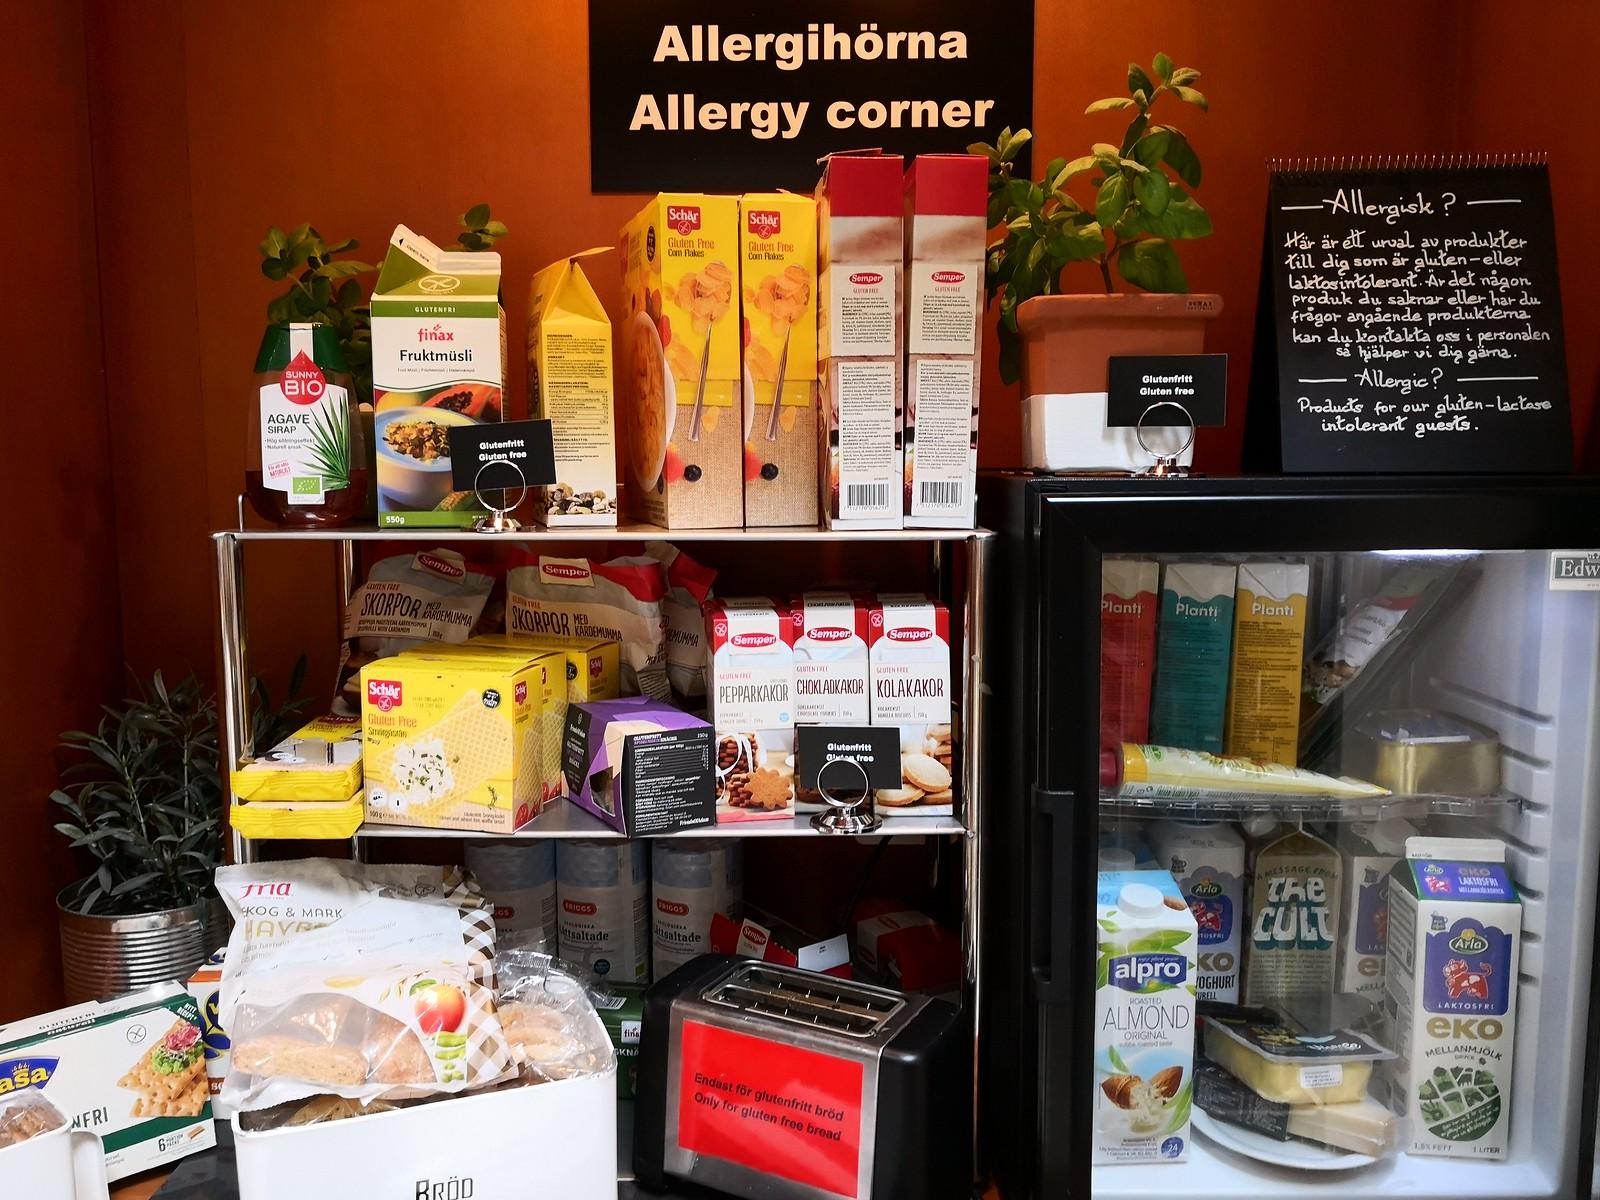 Allergy corner